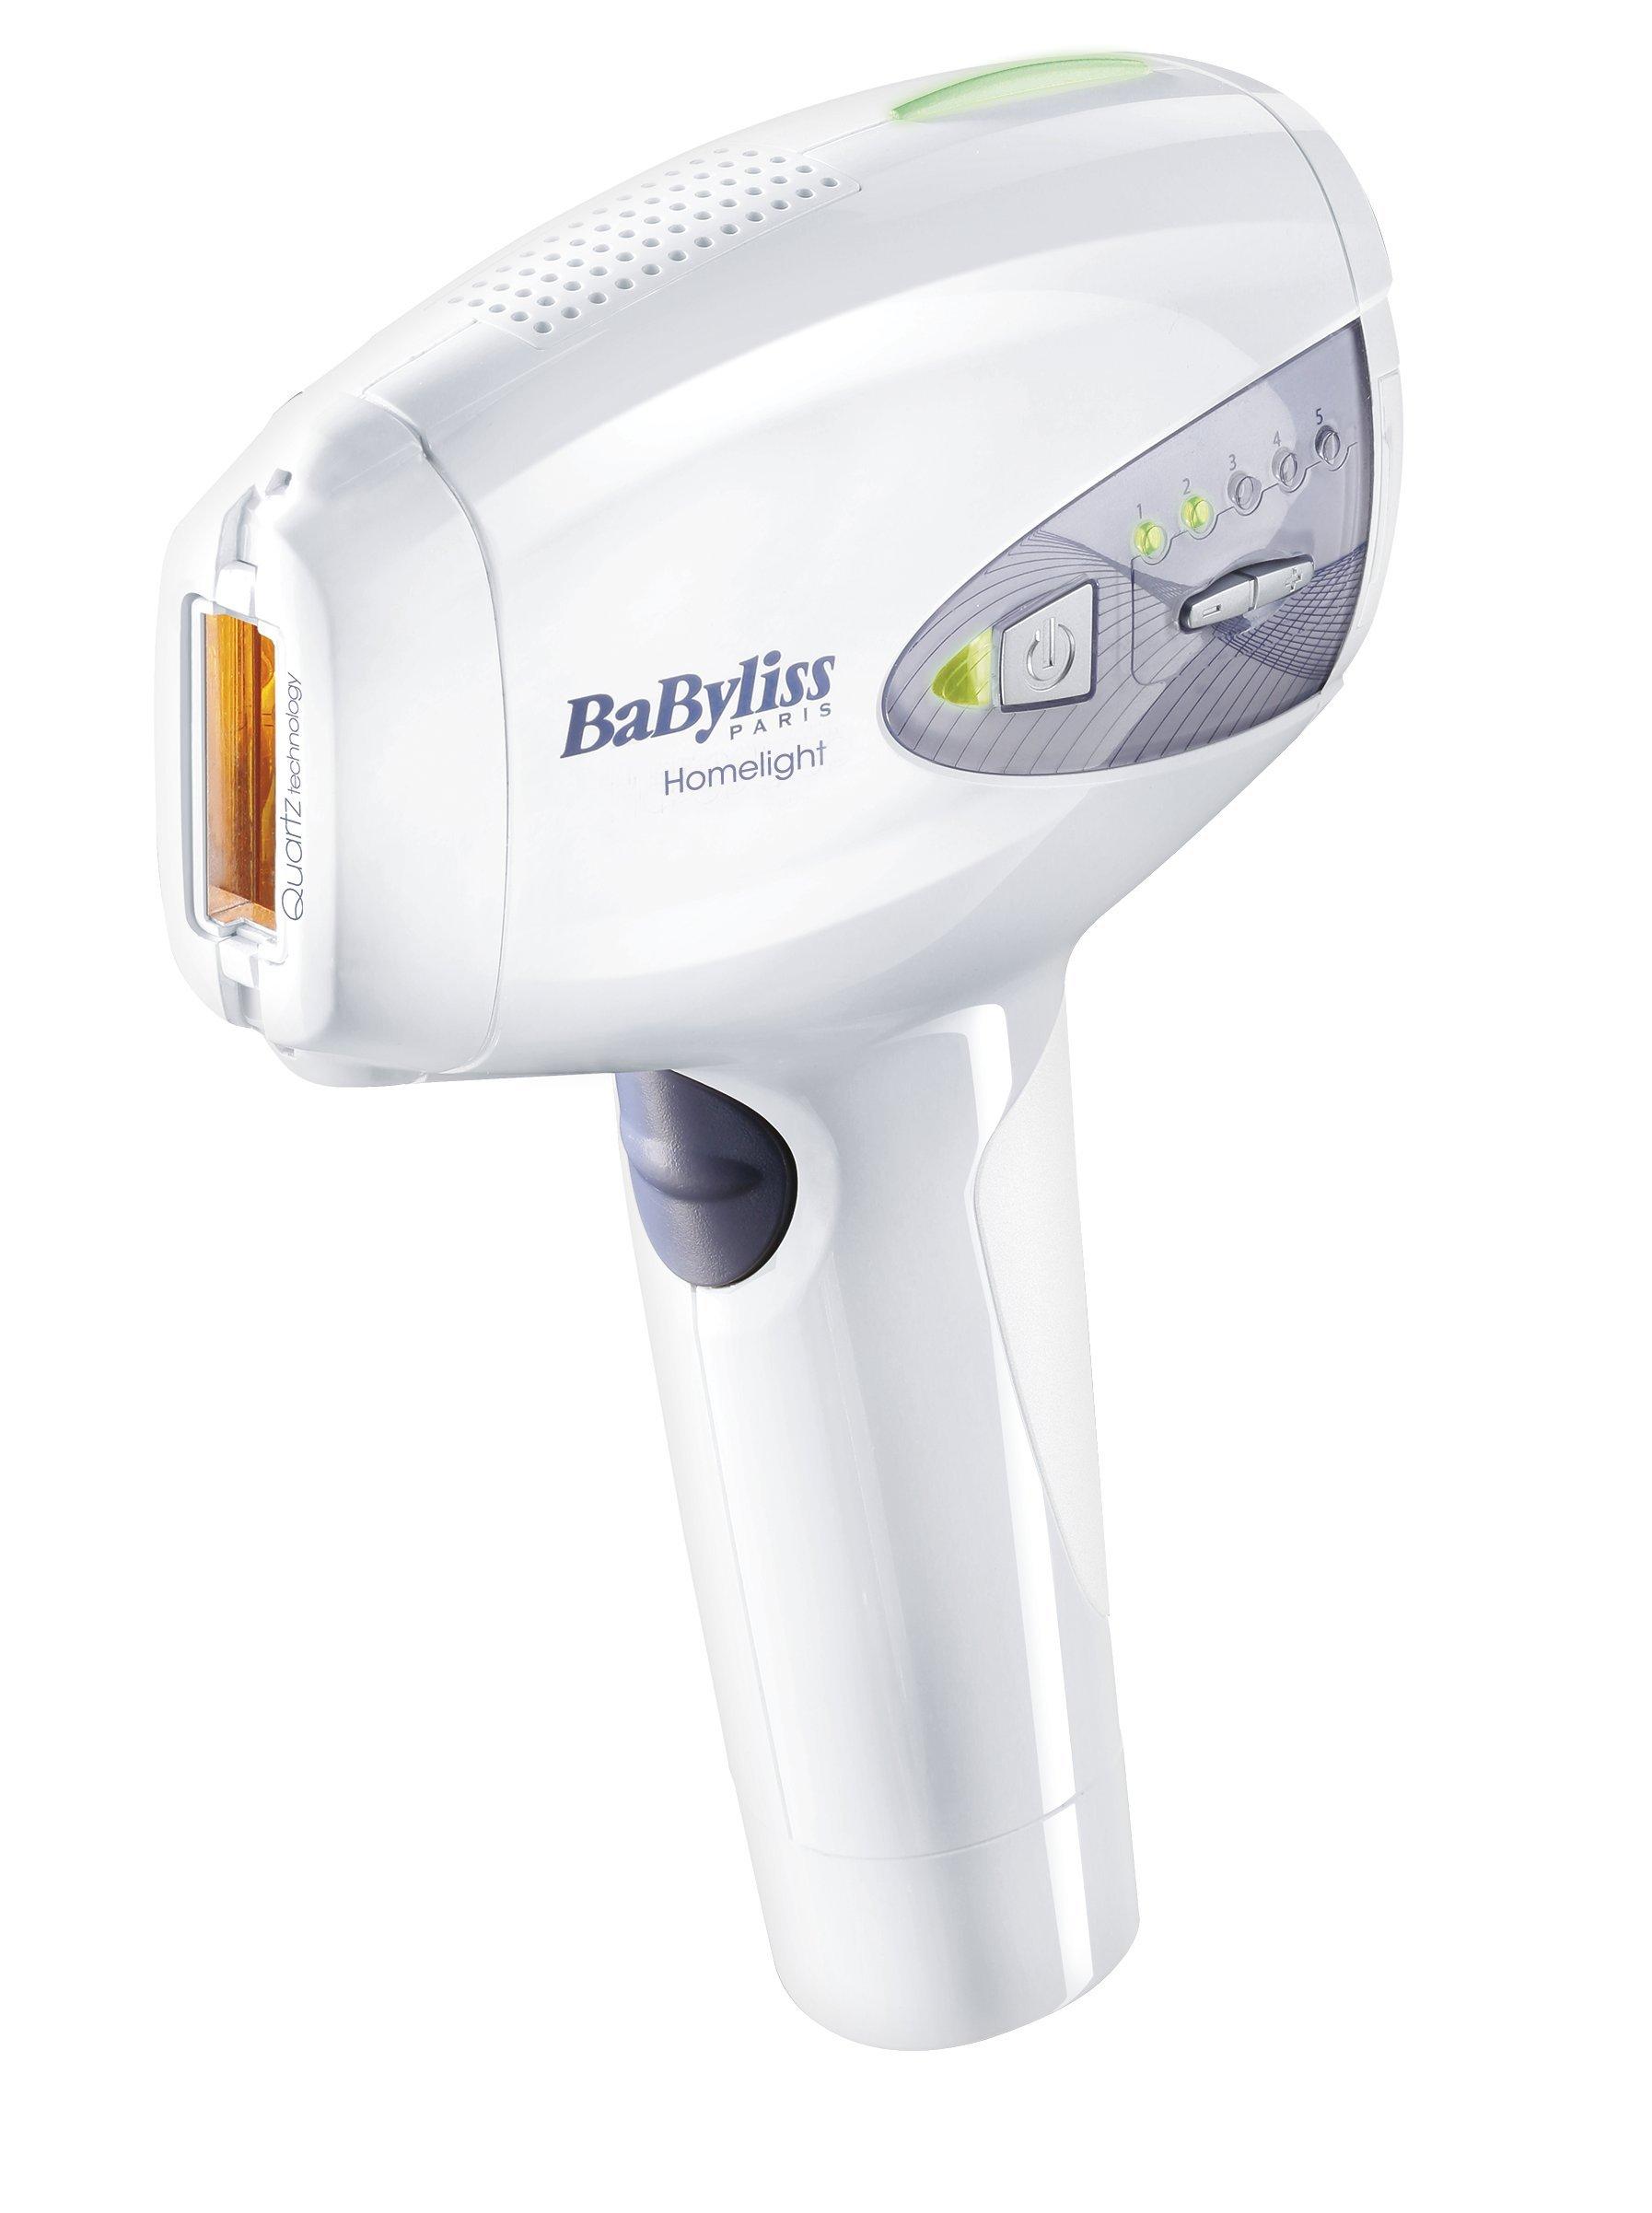 BaByliss G945E Homelight 200 - 712OTqpS2aL - BaByliss G945E Homelight 200